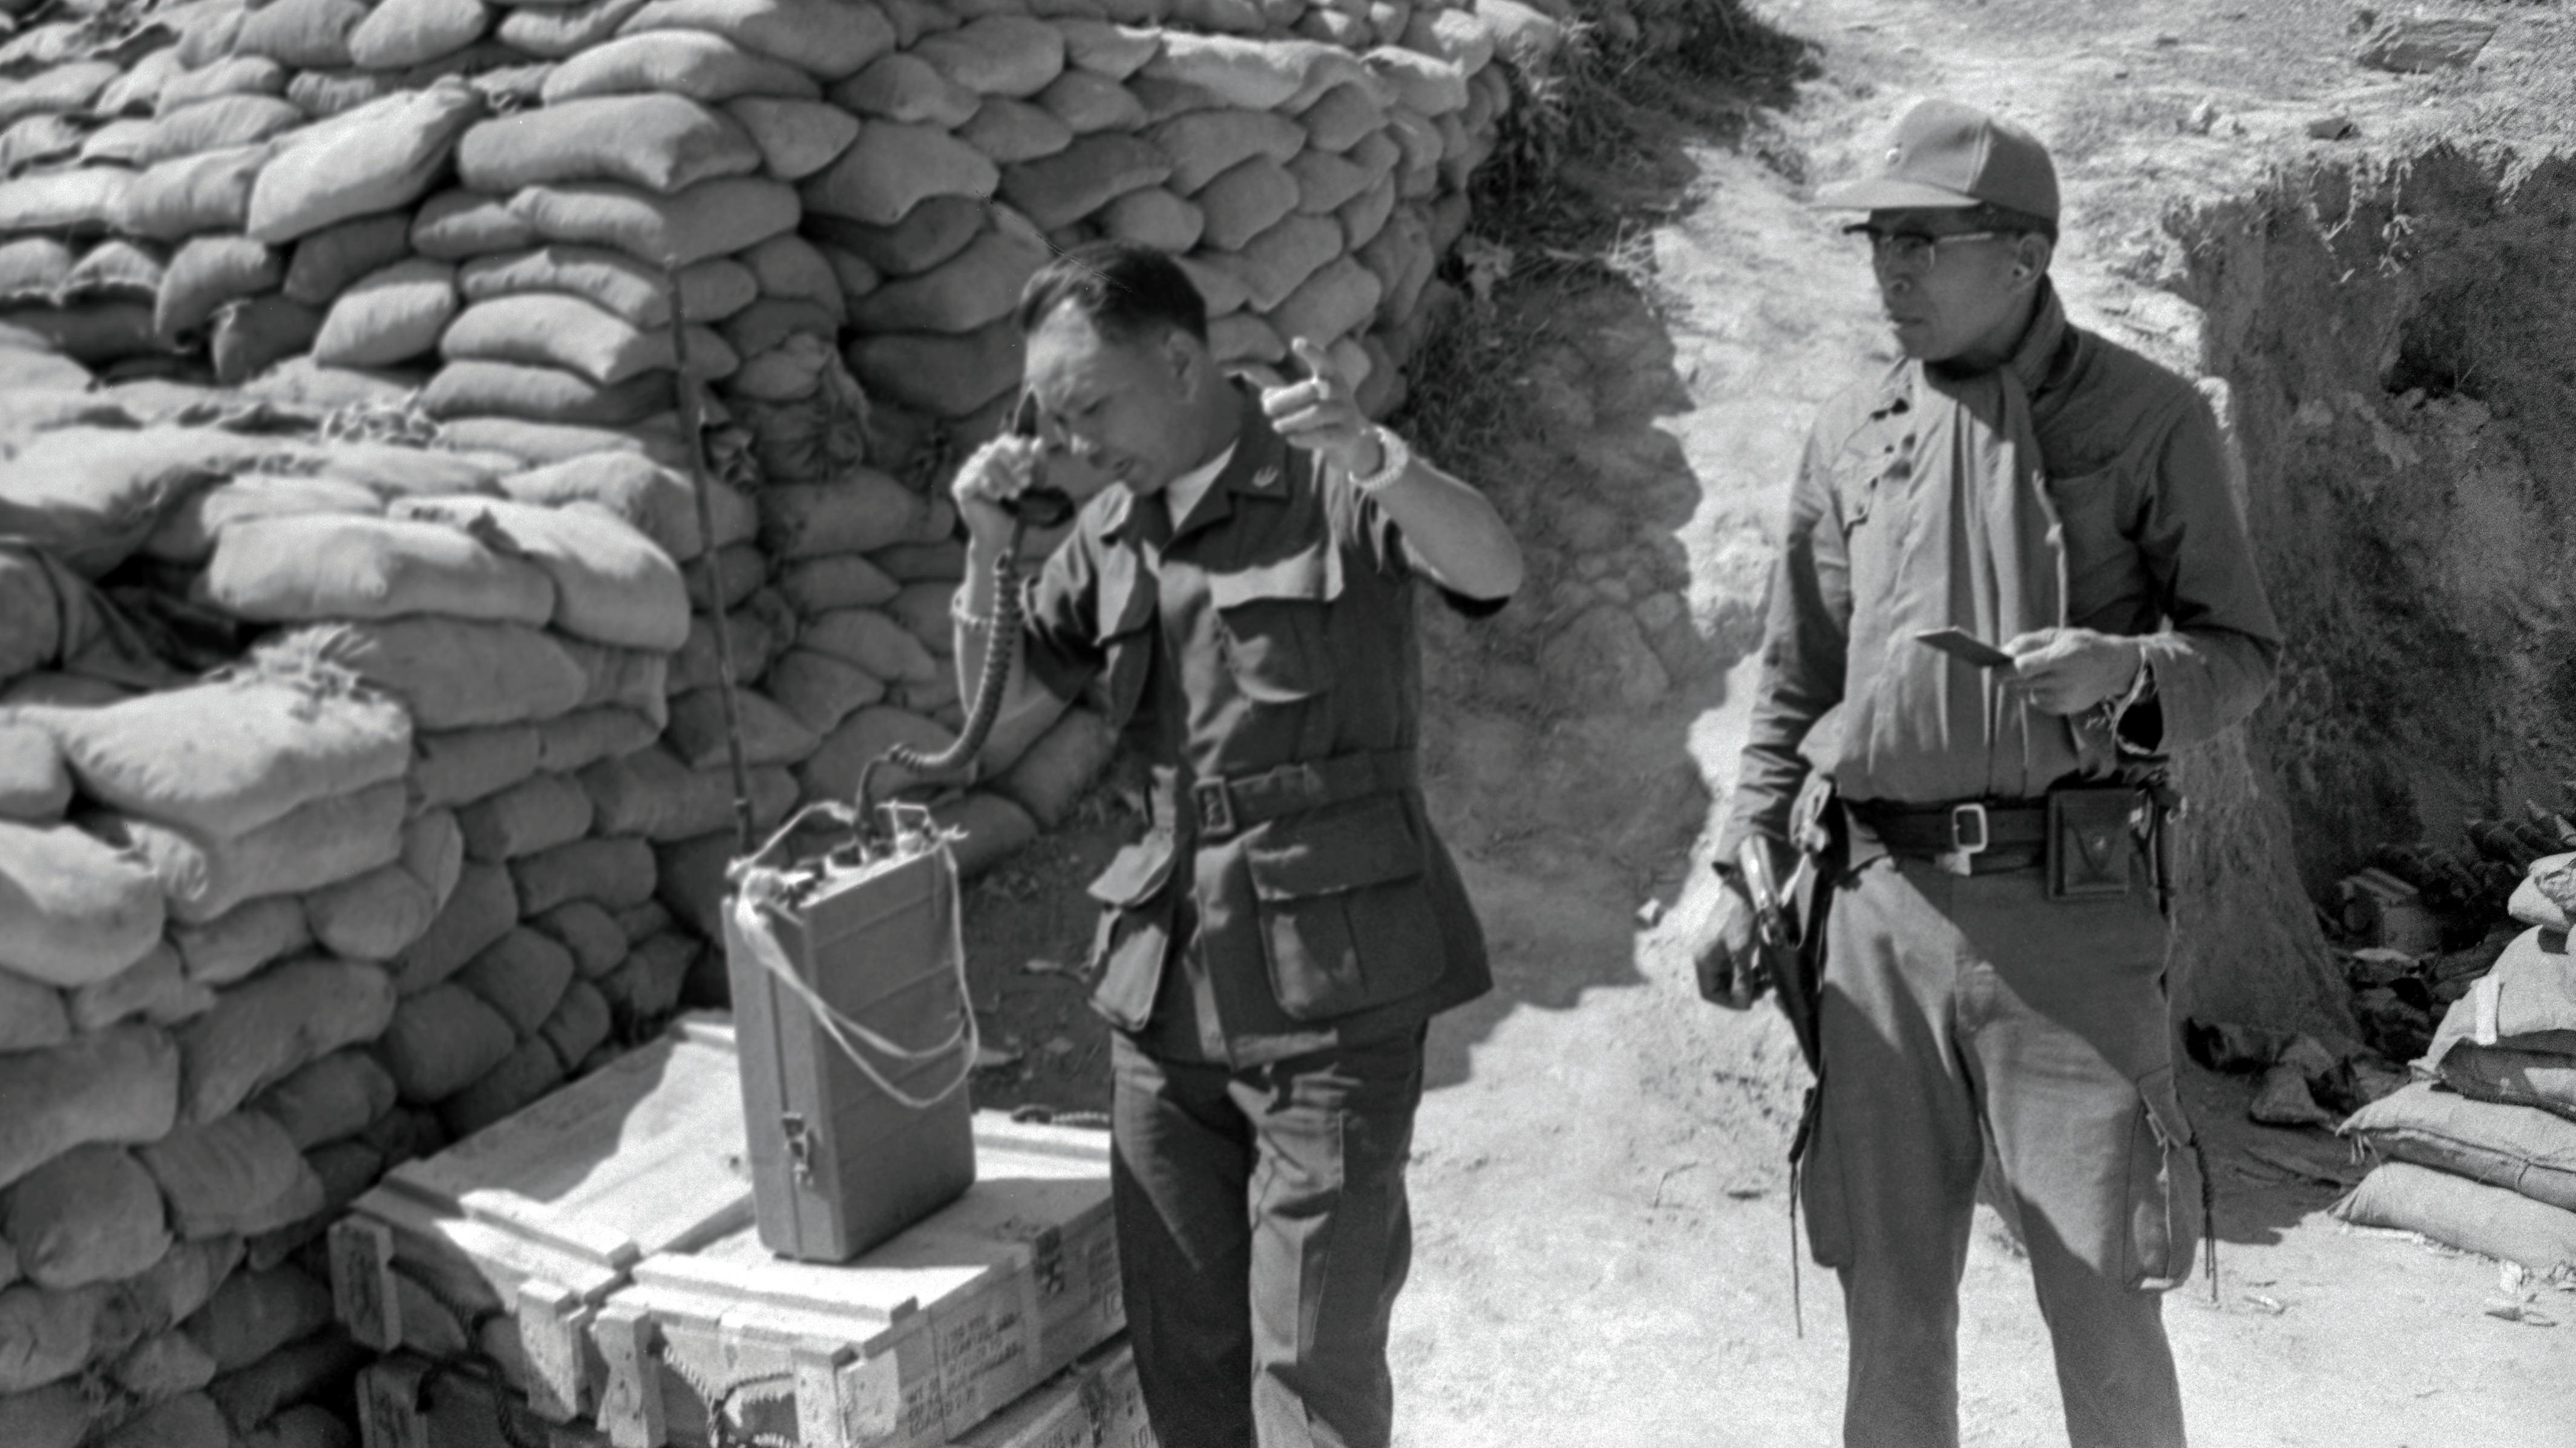 Vietnam War : NPR